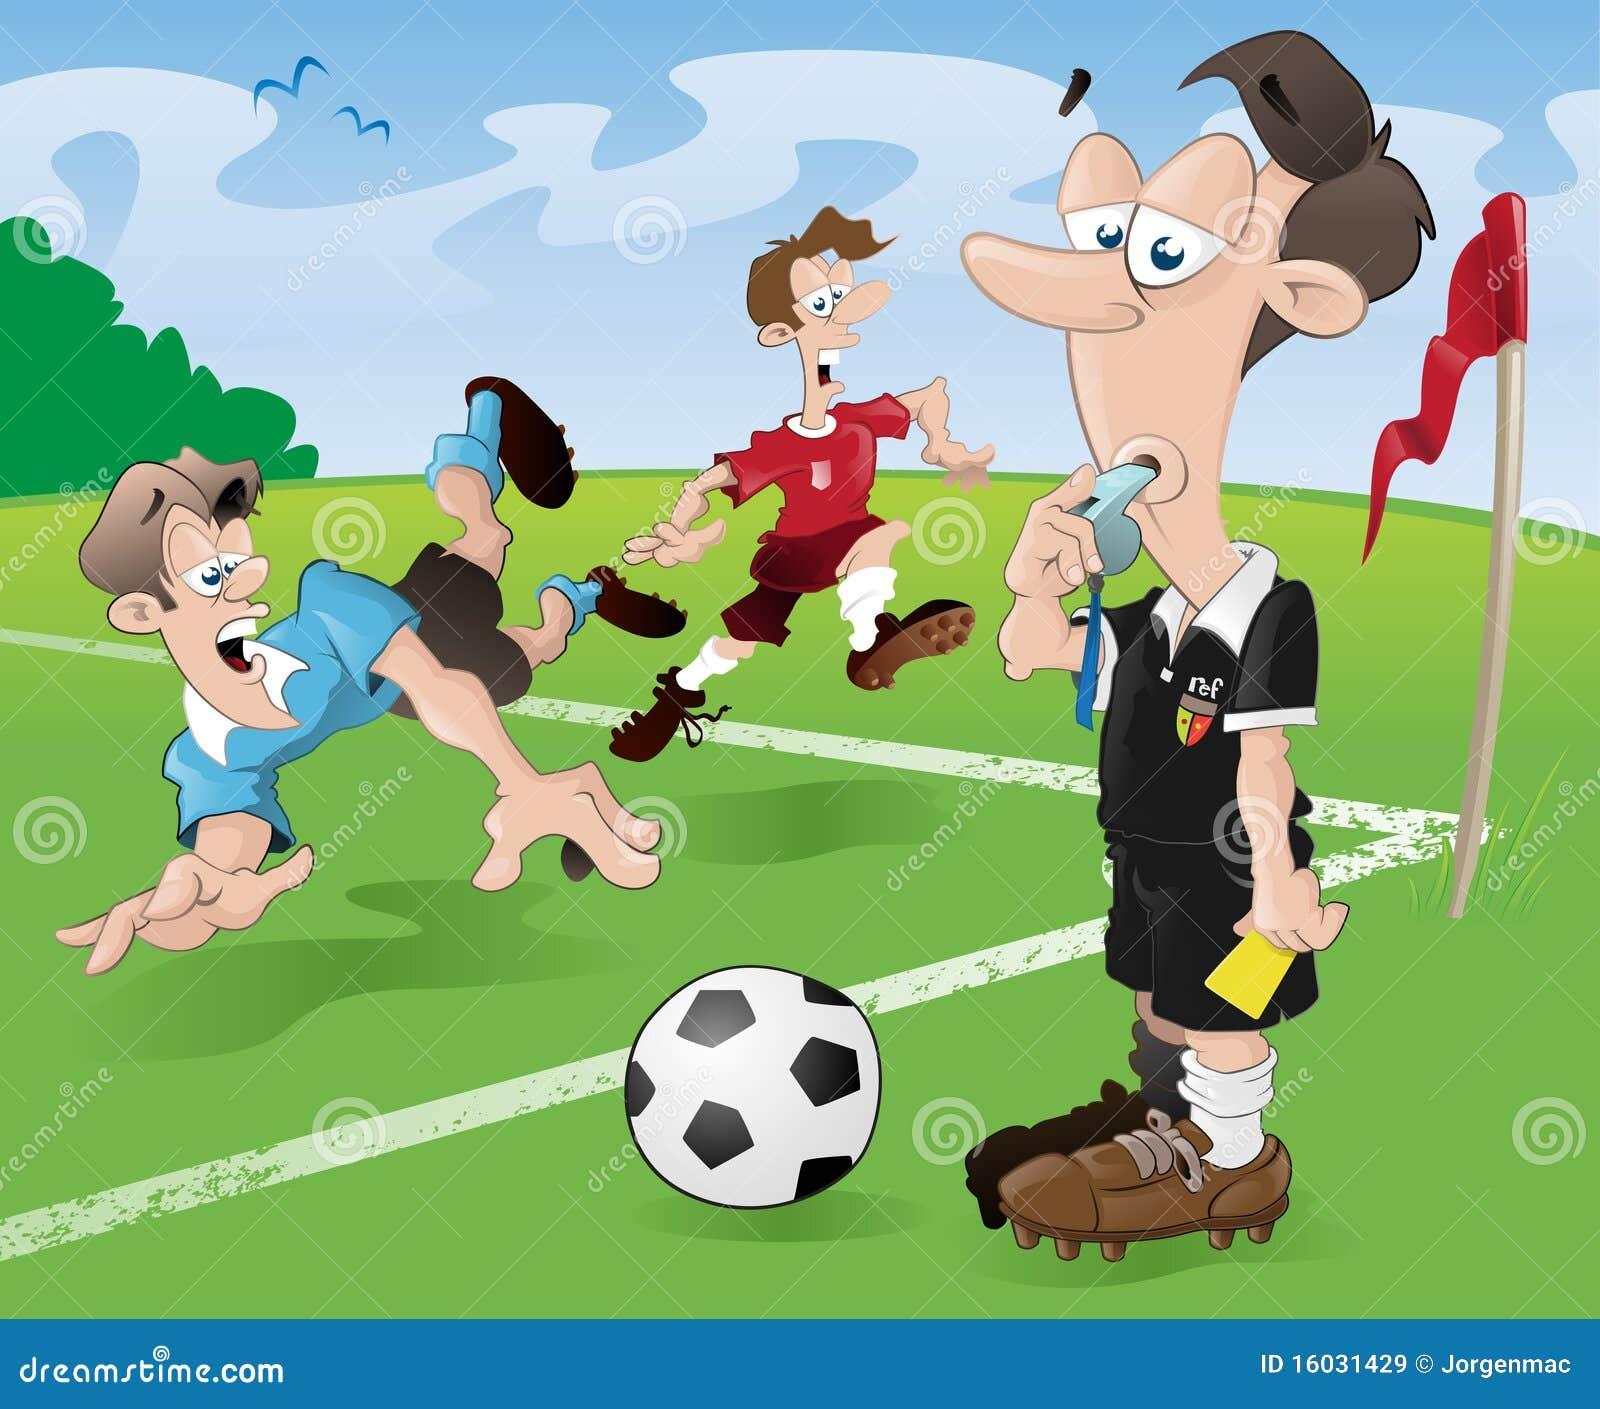 ... Stock Afbeeldingen: De Scheidsrechter en de spelers van de voetbal